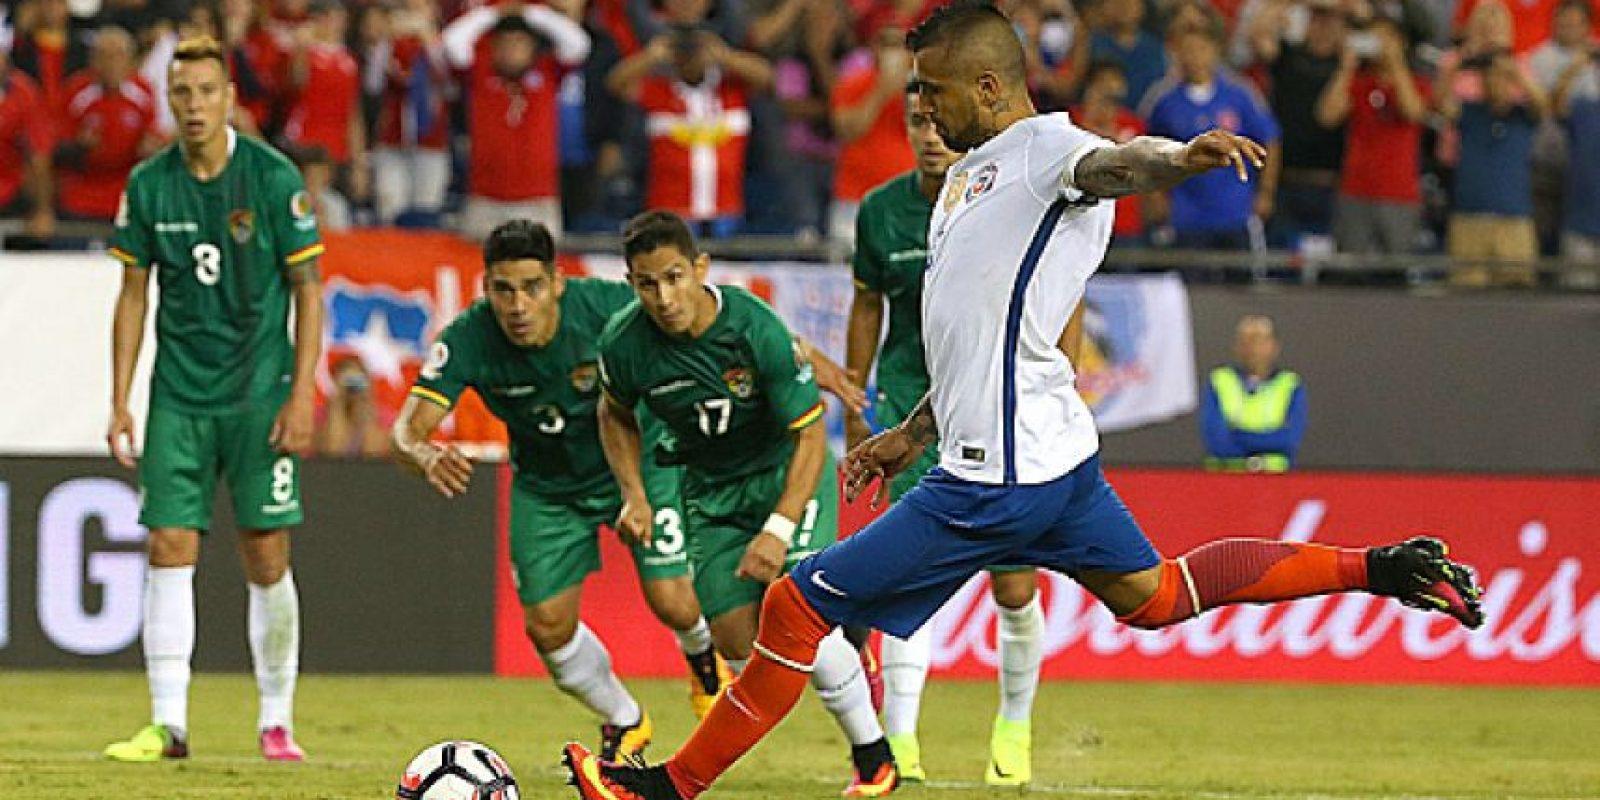 Arturo Vidal convirtió desde los doce pasos y le dio la victoria a Chile, que los tiene dependiendo de sí mismos para avanzar Foto:Getty Images